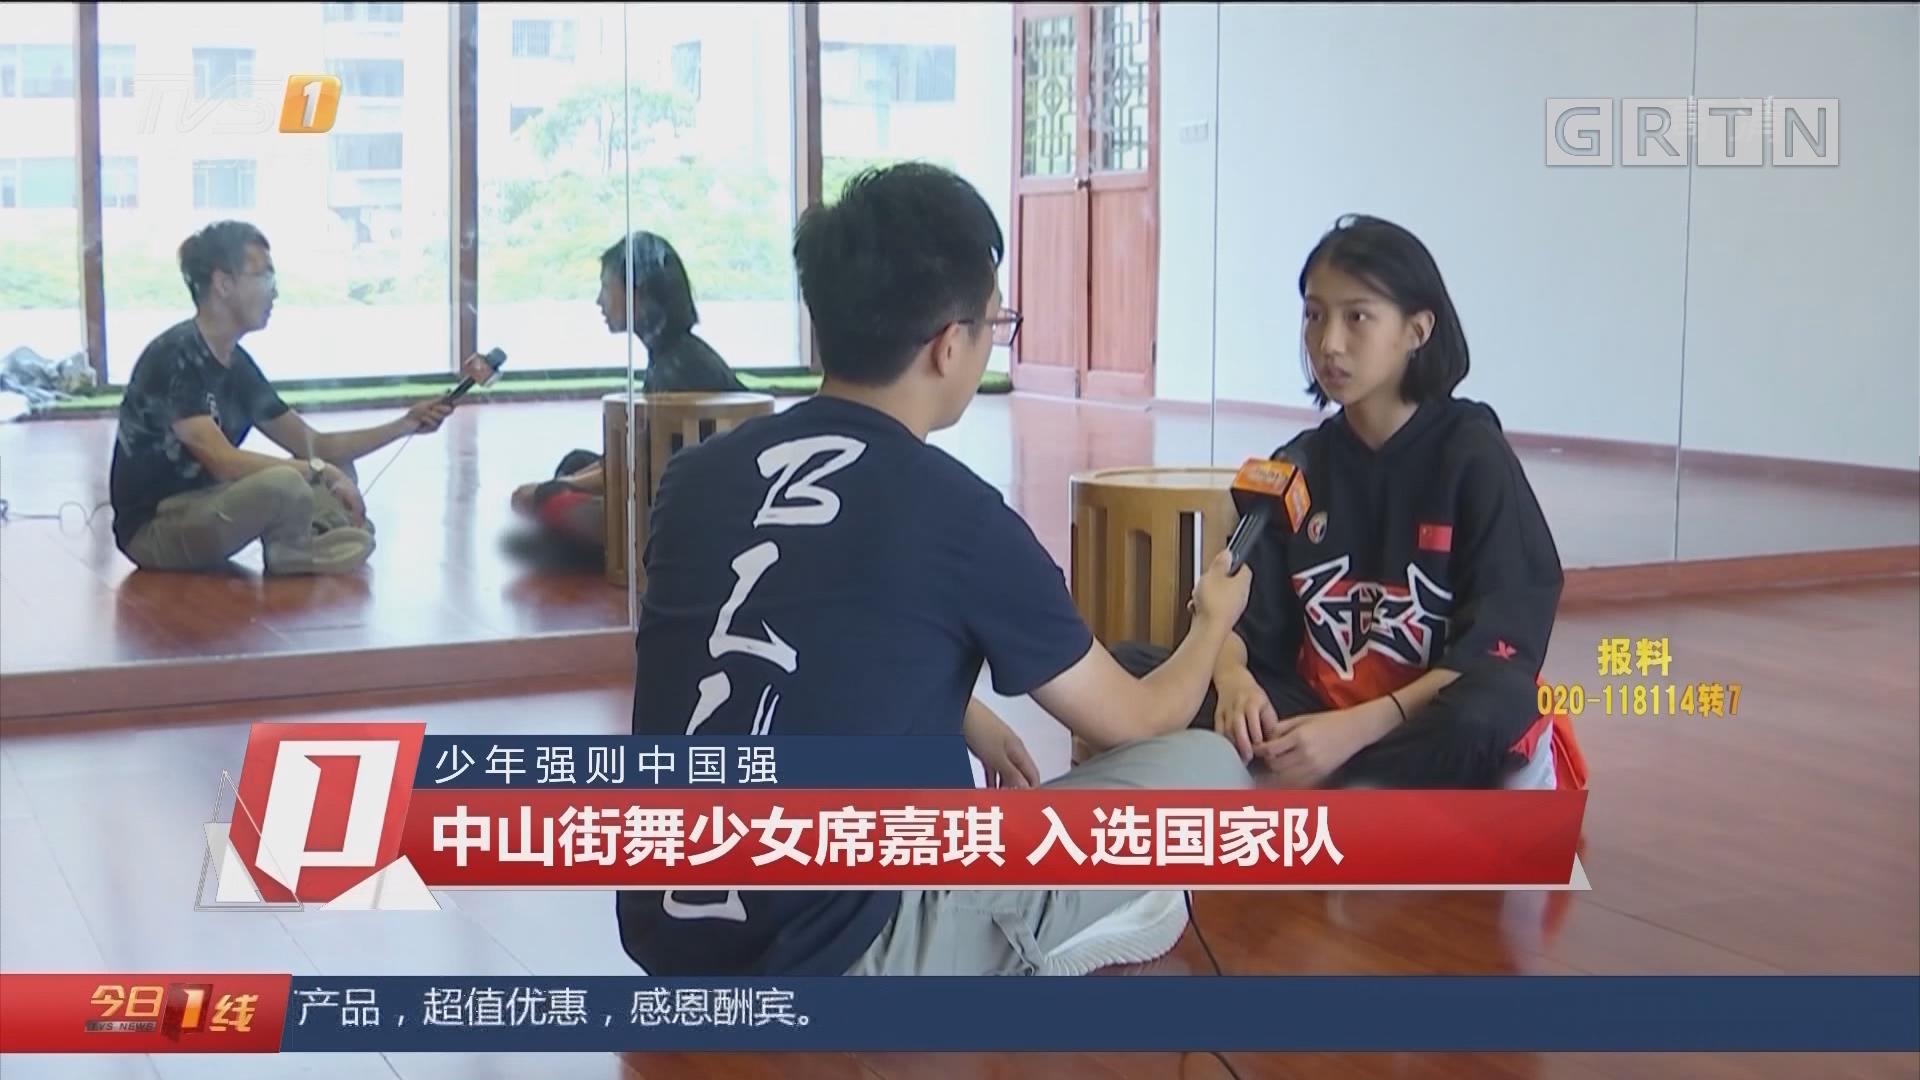 少年强则中国强:中山街舞少女席嘉琪 入选国家队